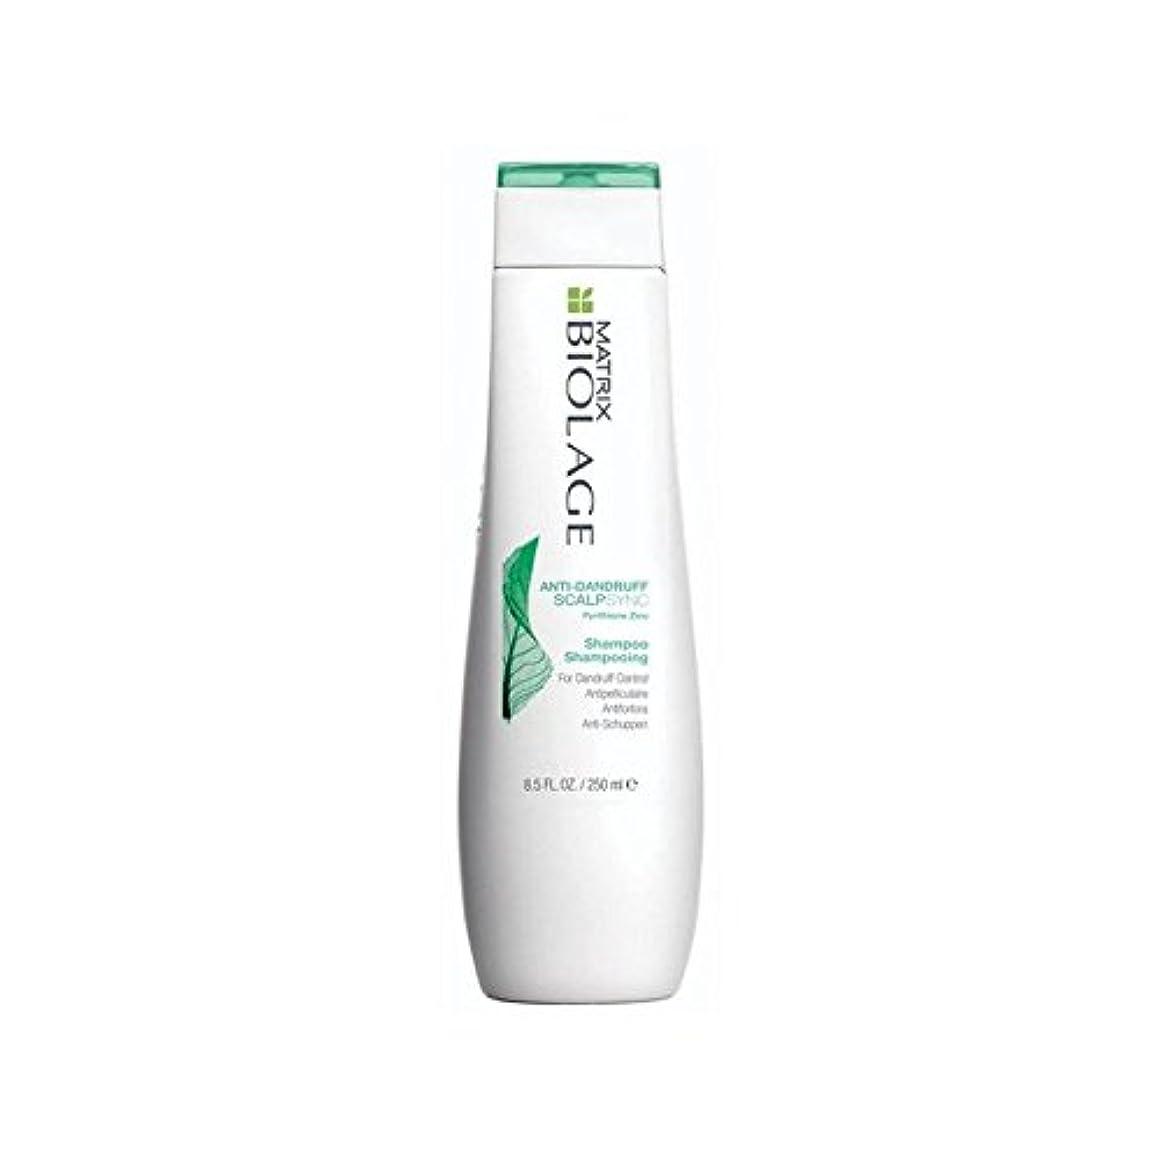 ガード収入ラリーベルモントMatrix Biolage Scalptherapie Antidandruff Shampoo (250ml) - マトリックスバイオレイジのフケ防止シャンプー(250ミリリットル) [並行輸入品]